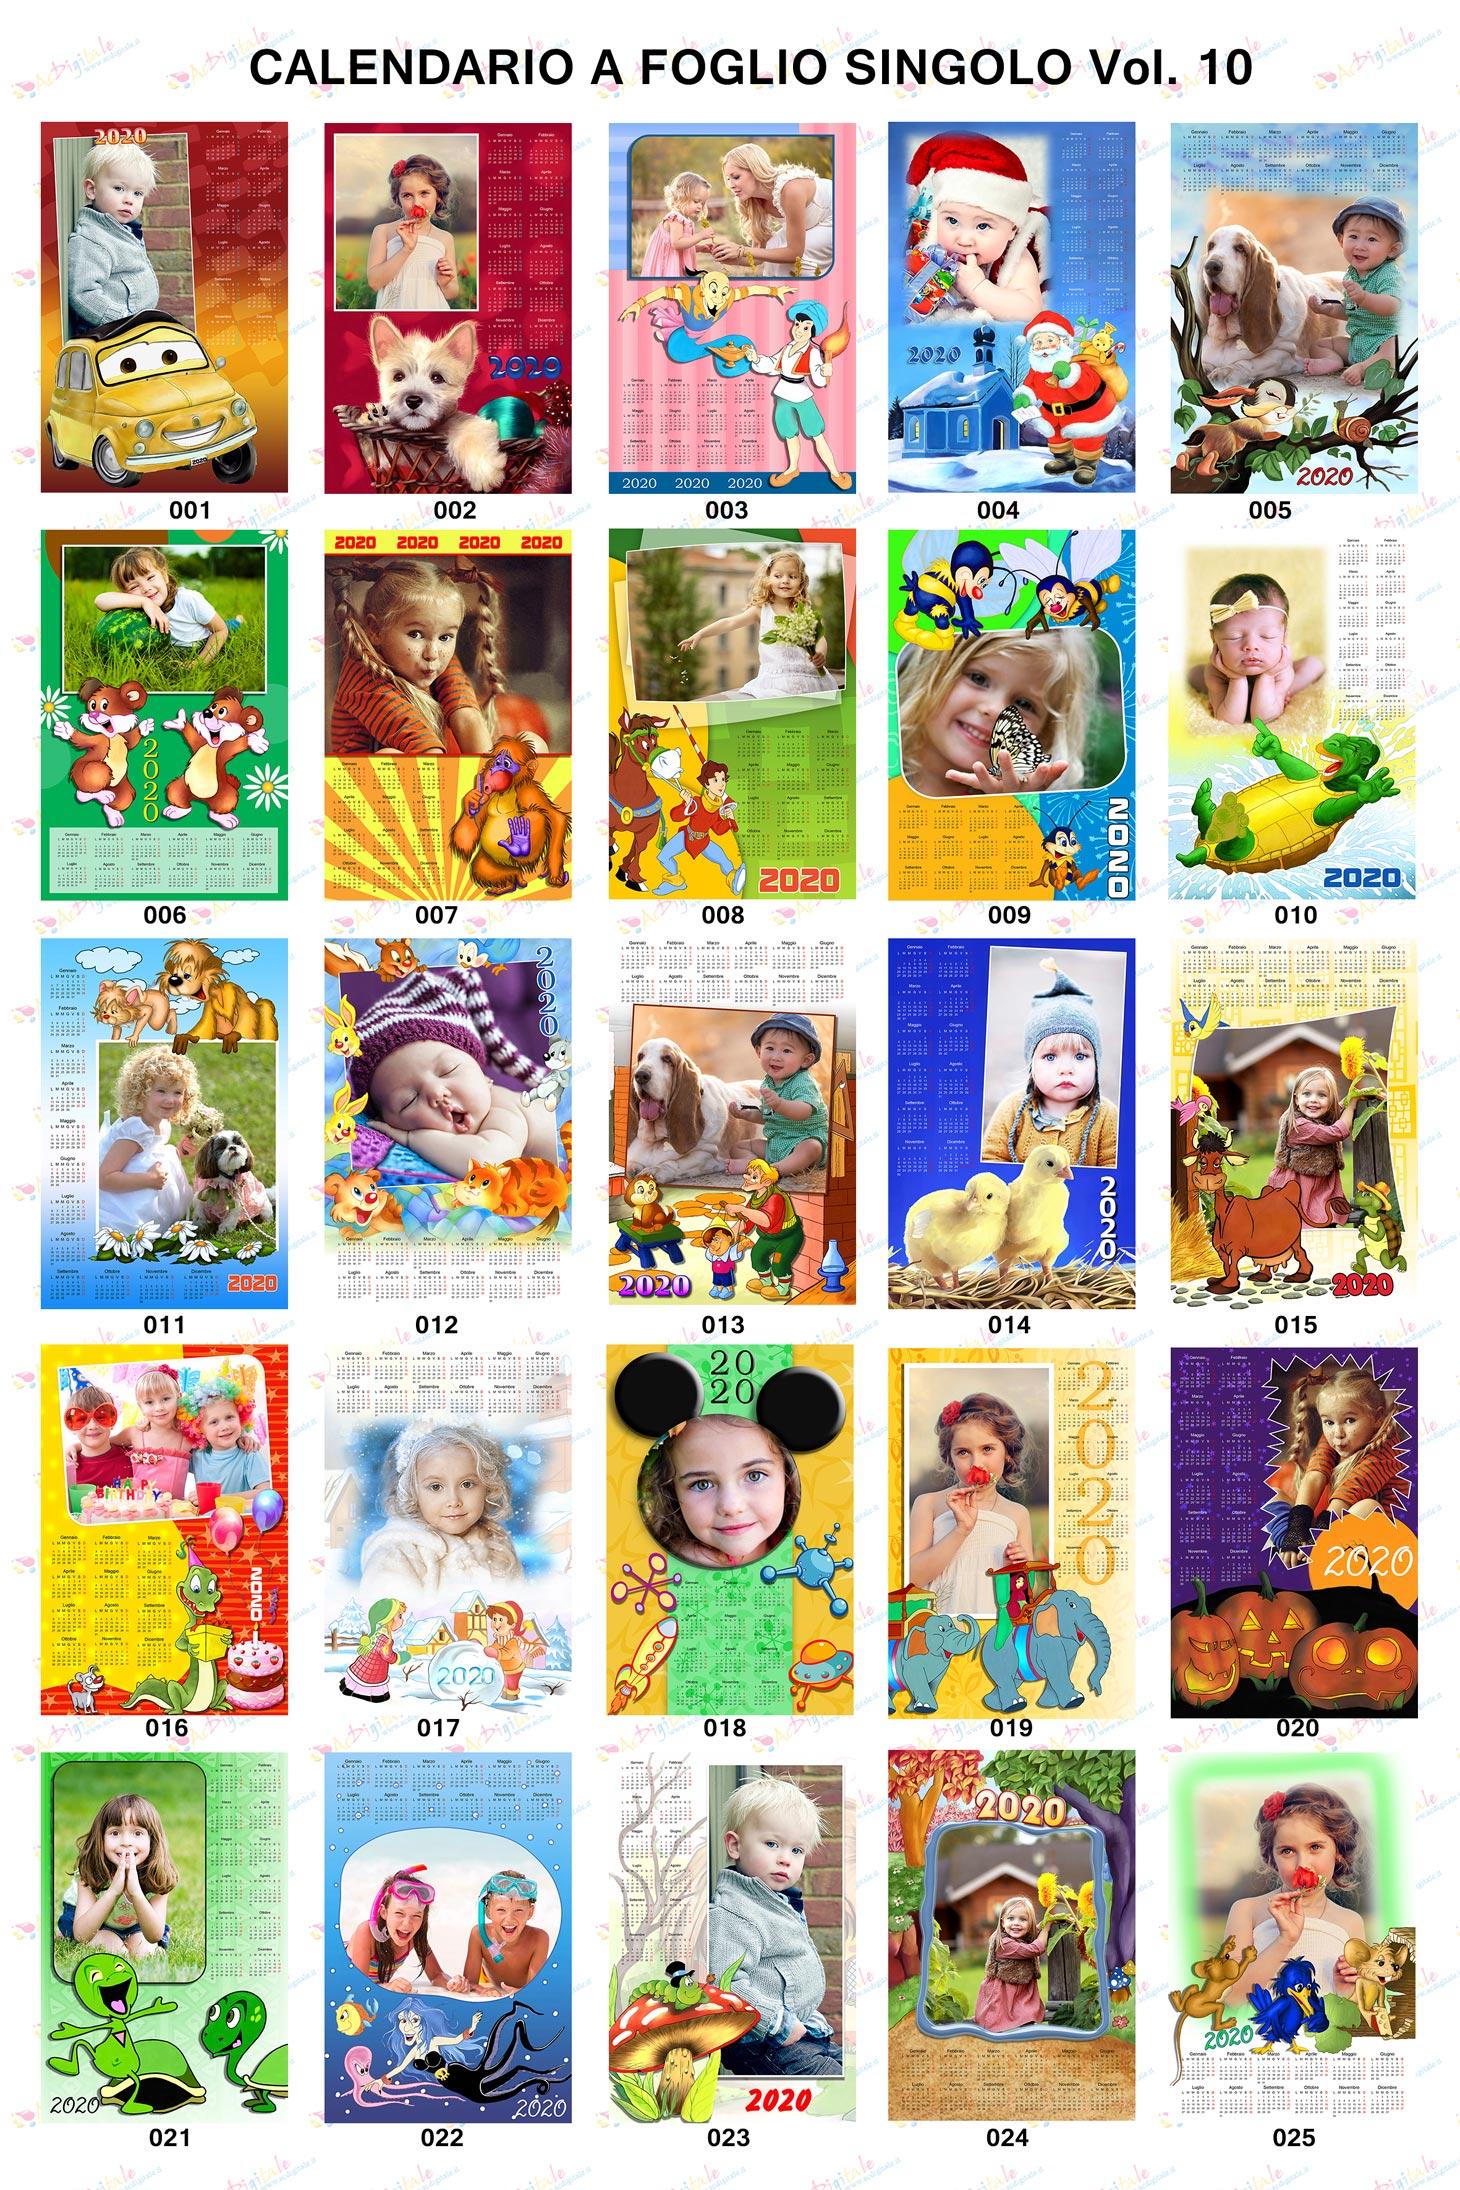 Anteprima calendari personalizzati 2020 Volume 10